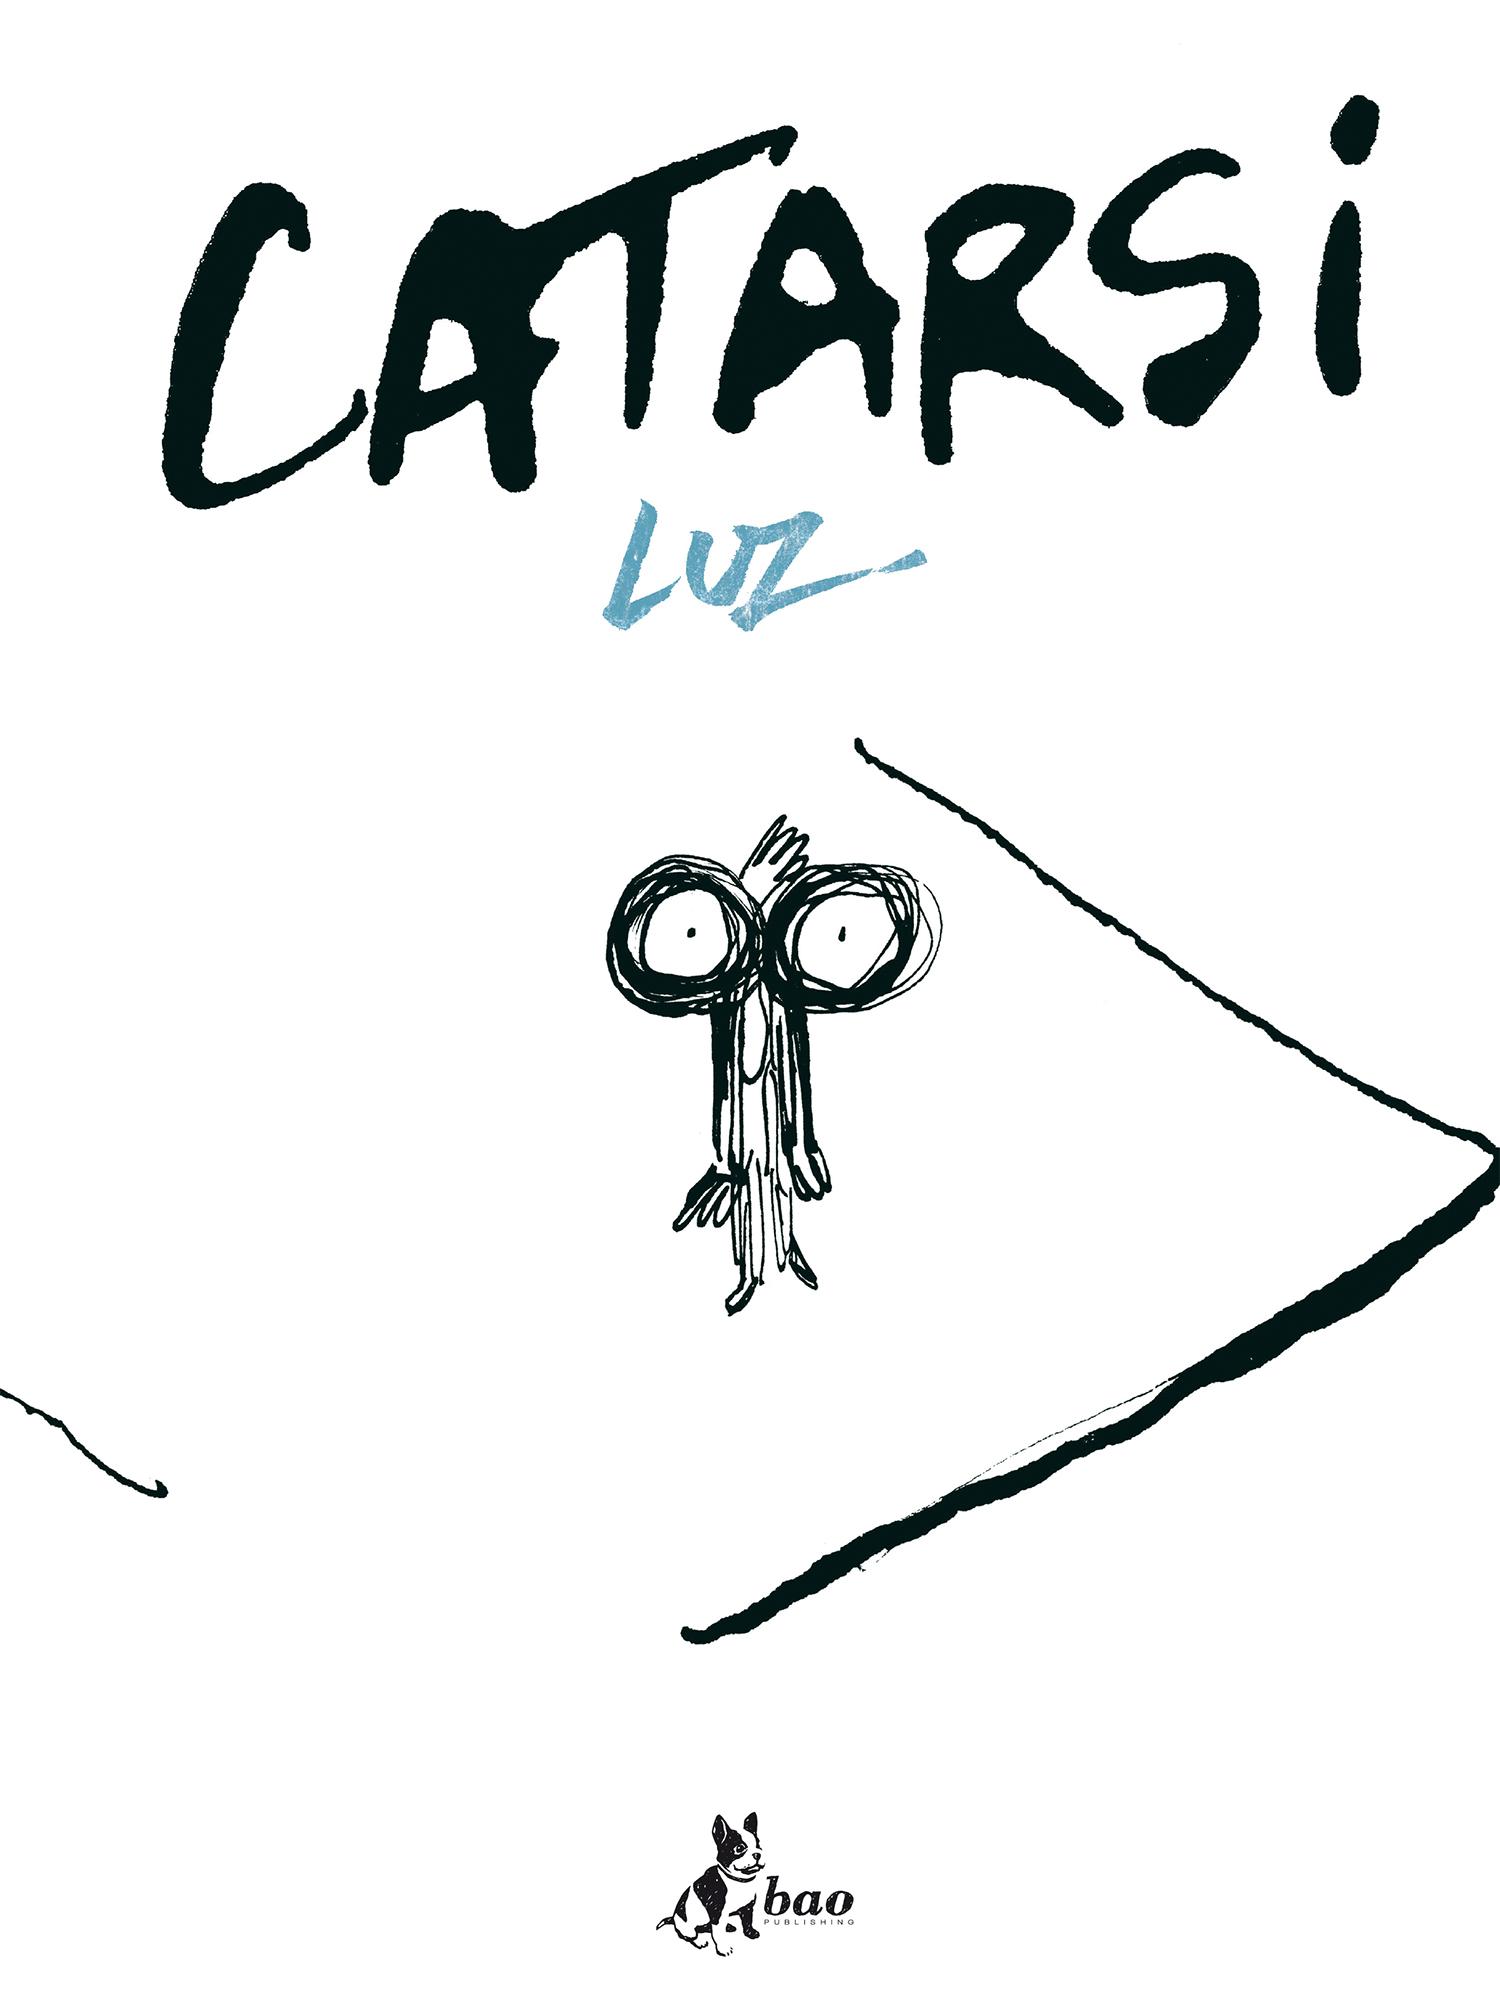 Catarsi - Luz